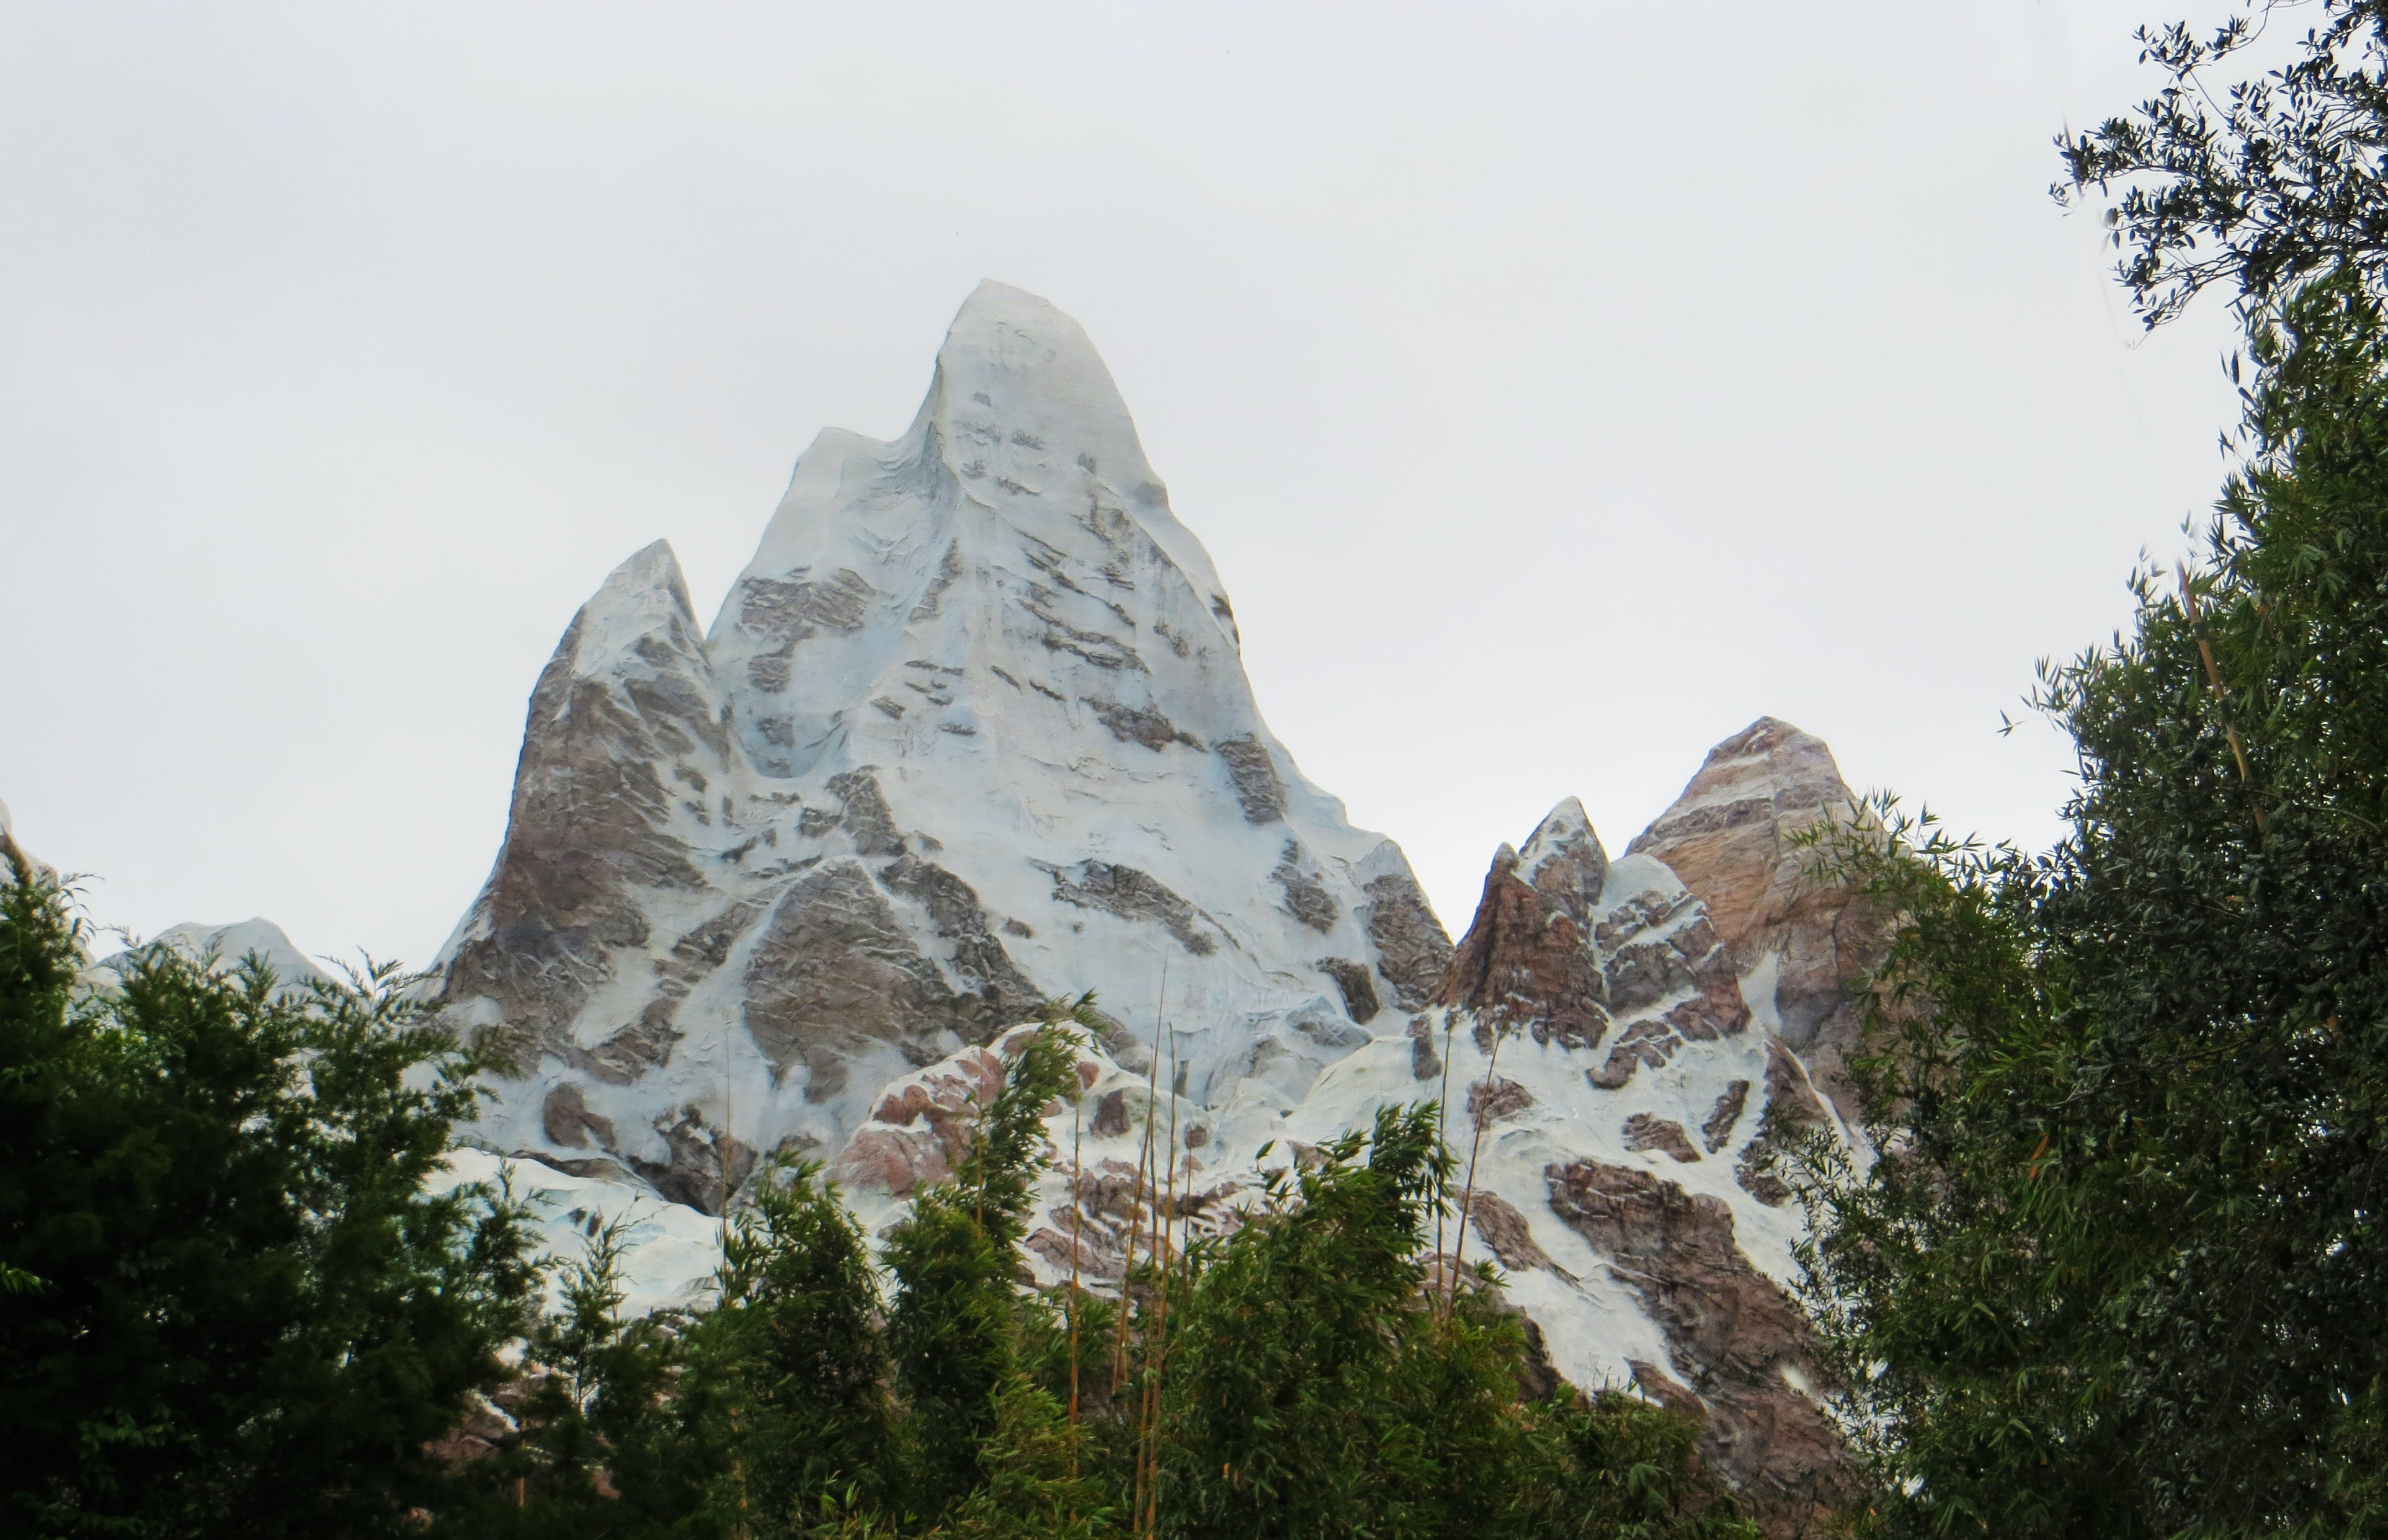 Darmowe zdjęcie z galerii z drzewa, dzień, fotografia przyrodnicza, góra